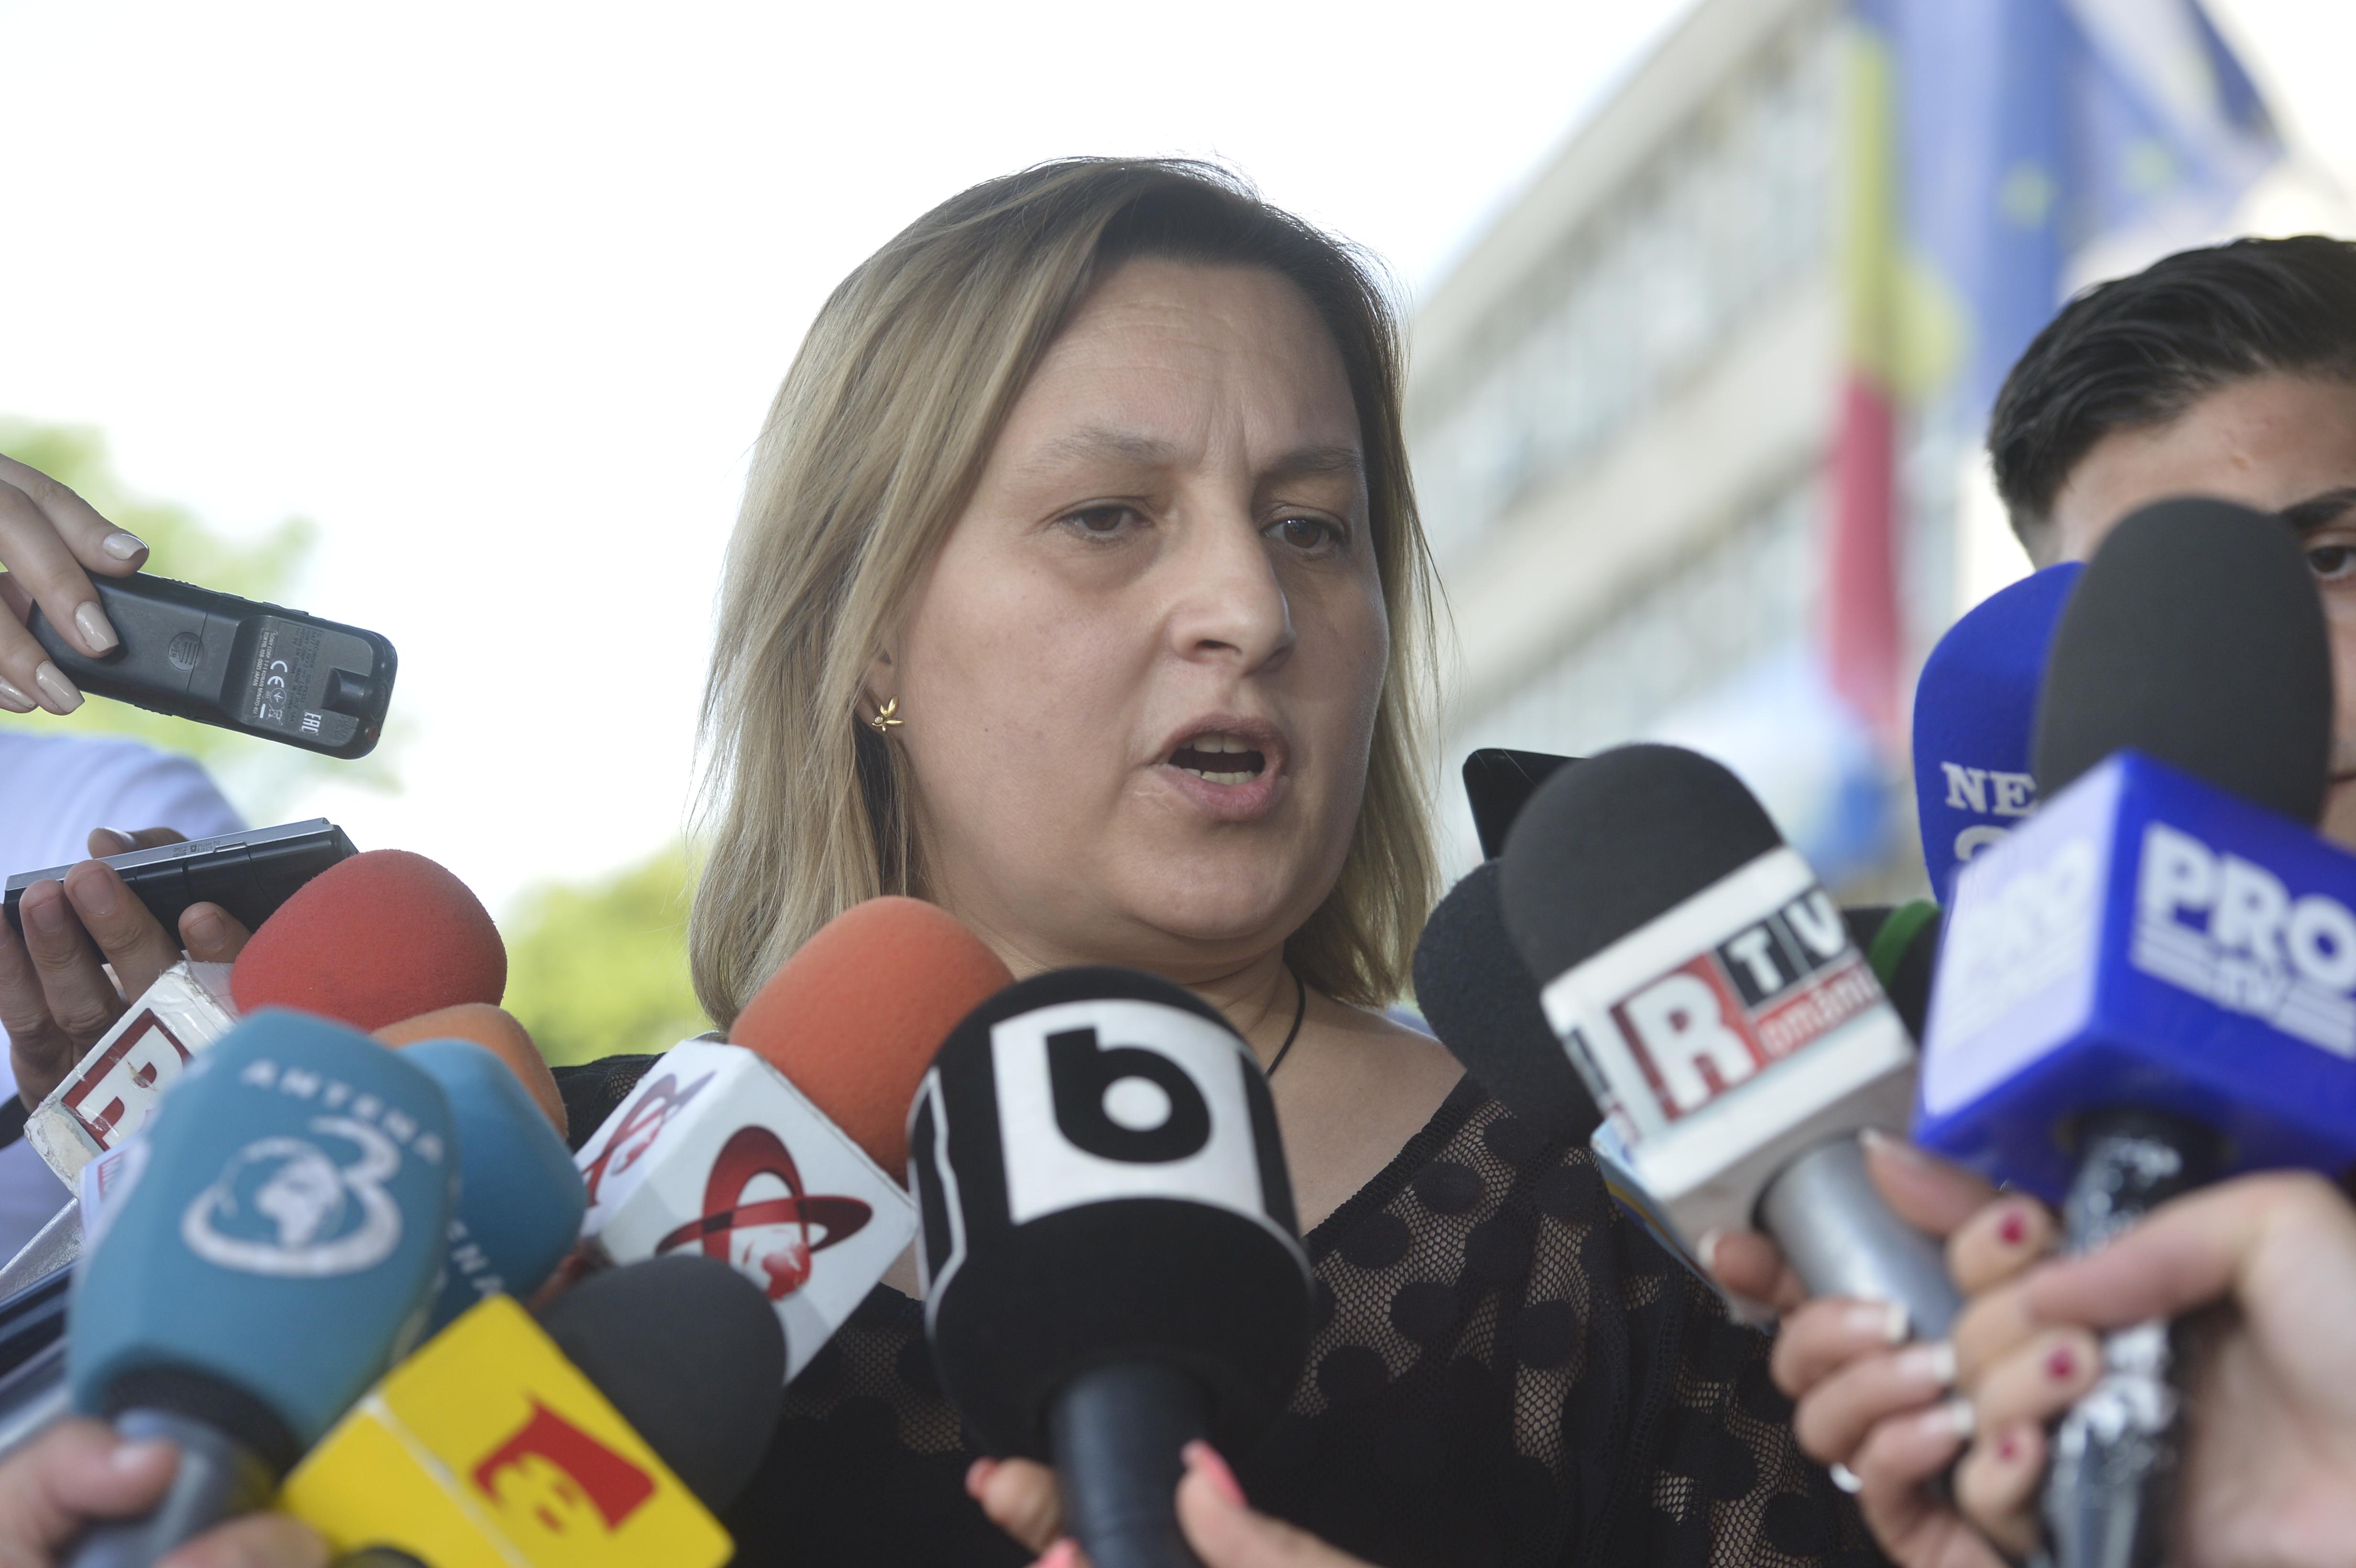 Procurorul Mihaela Iorga a contestat în instanţă revocarea din DNA